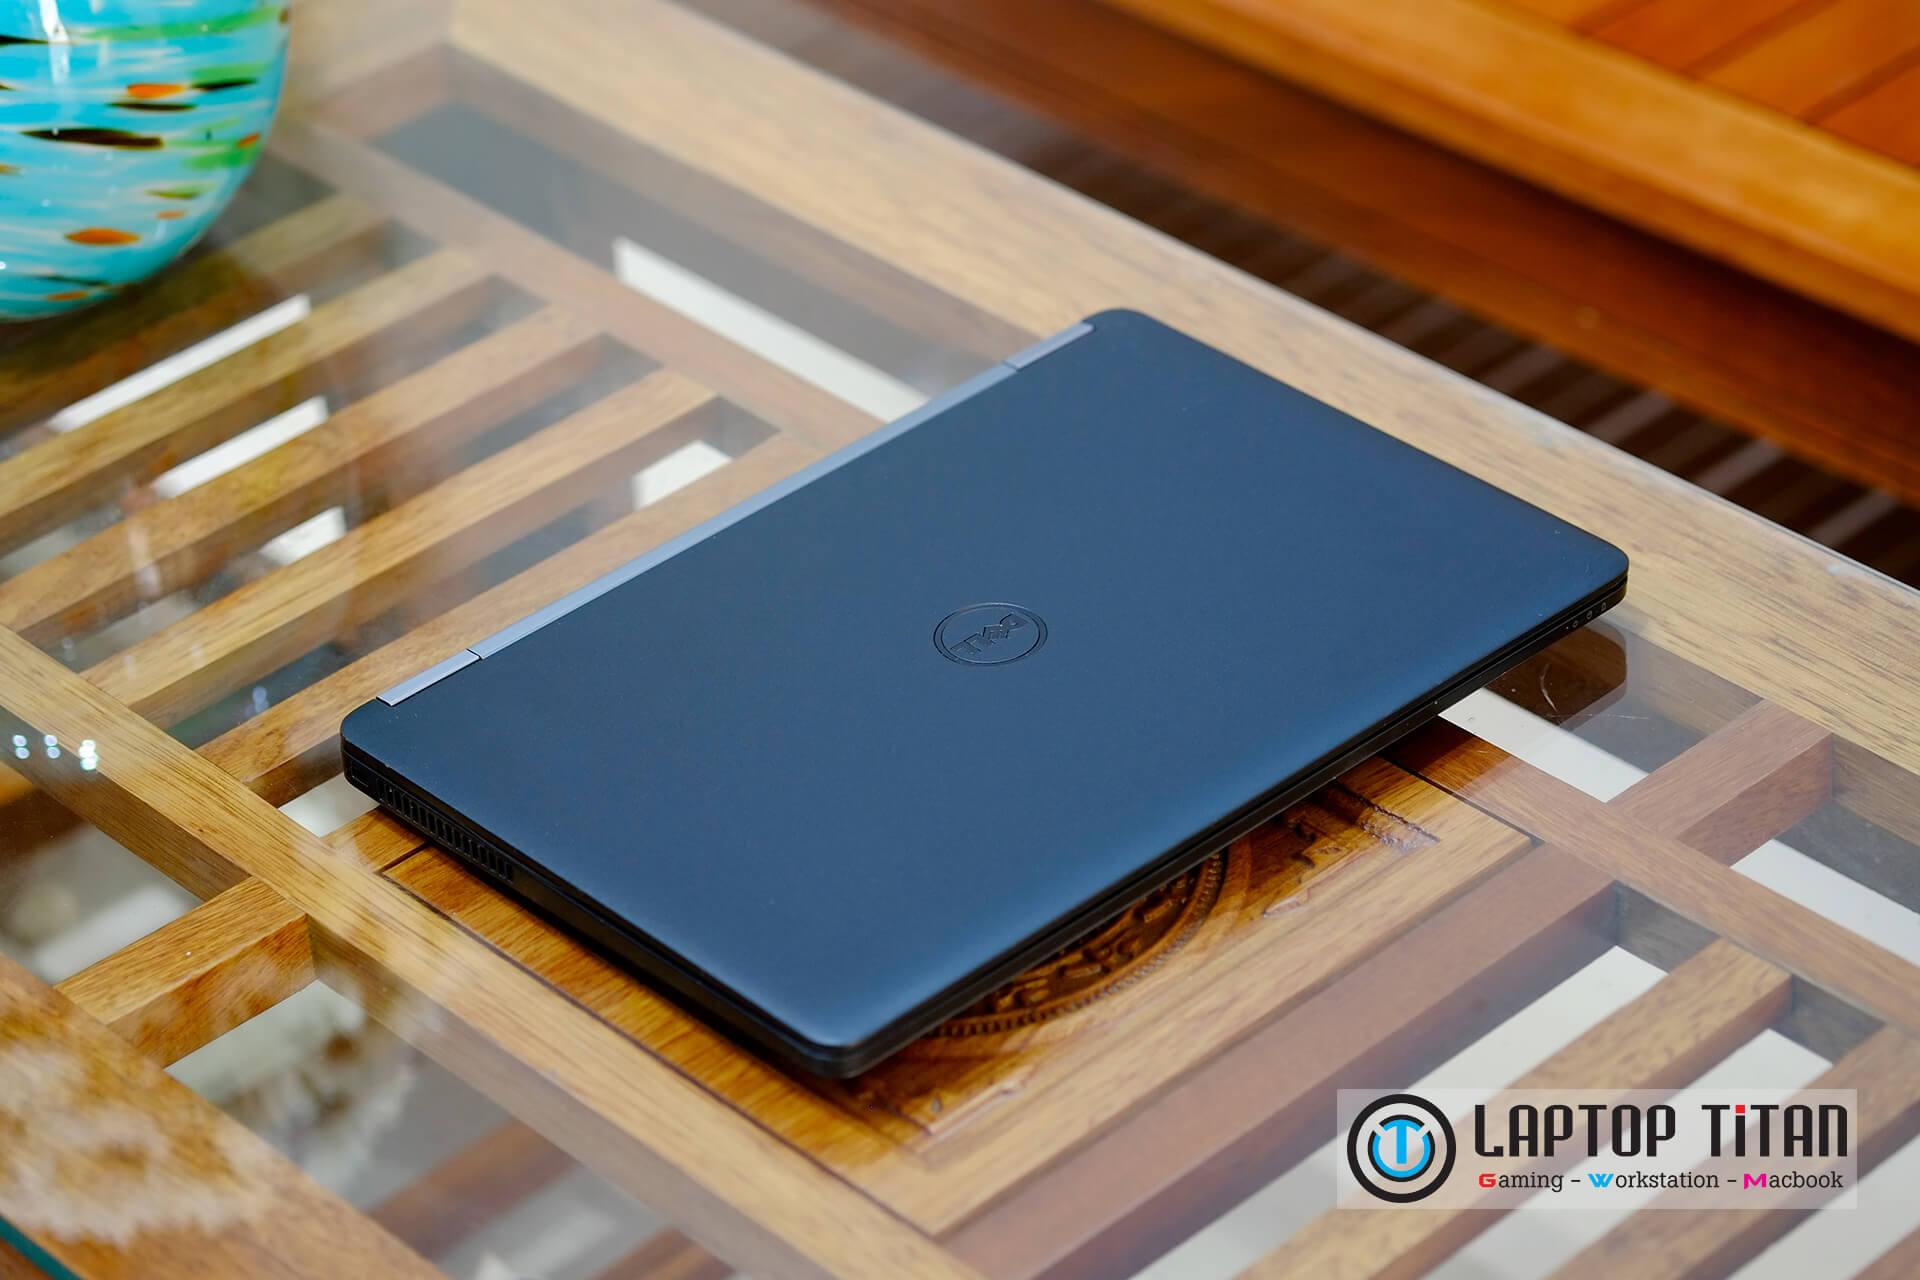 Dell Latitude E7270 Core i5 6300u / 8GB / 256GB / 12.5-inch HD